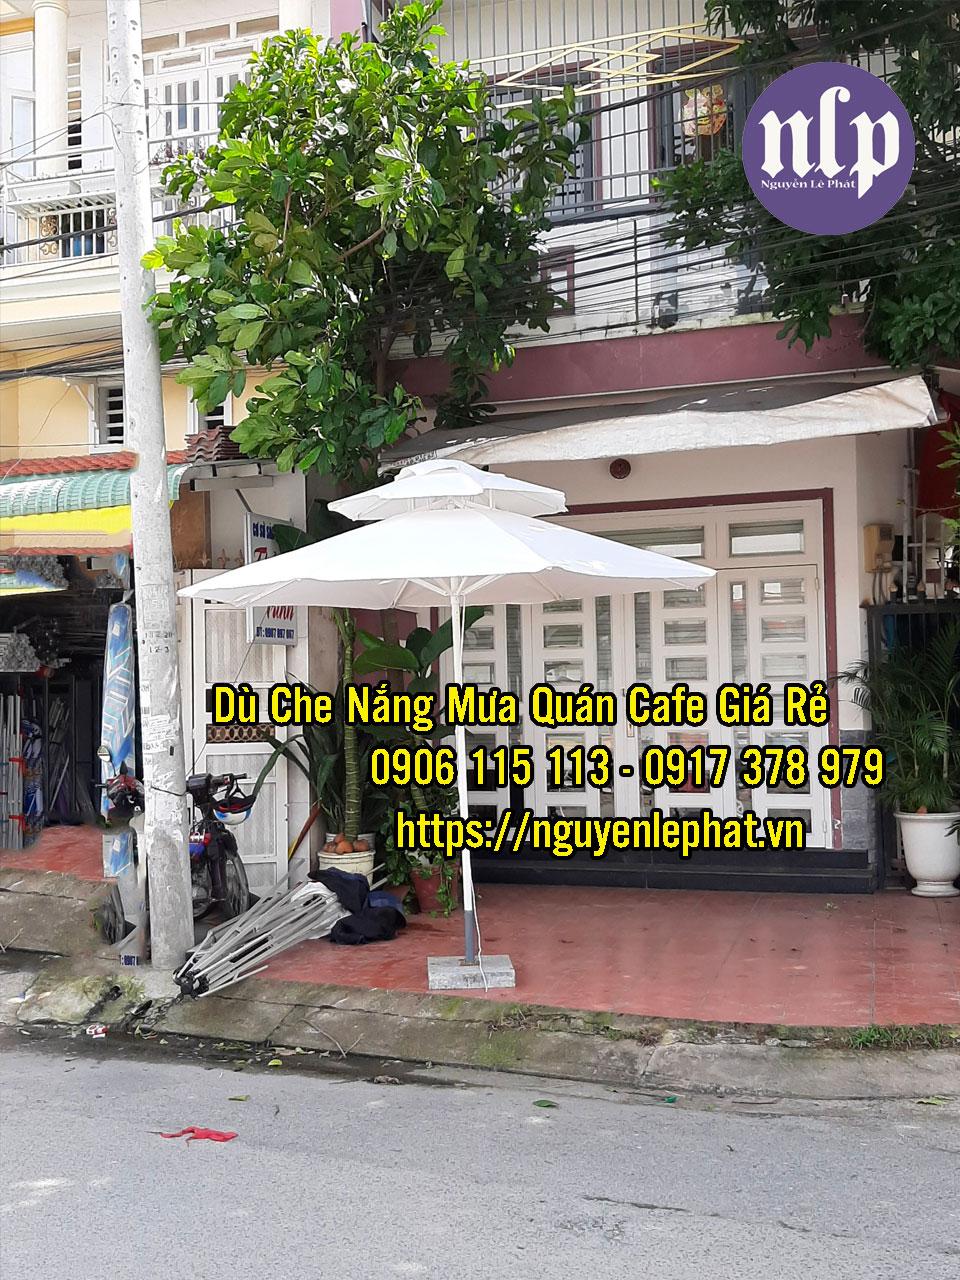 Đại lý bán dù che nắng tại Vũng Tàu - Dù lệch tâm Vũng Tàu Sài Gòn